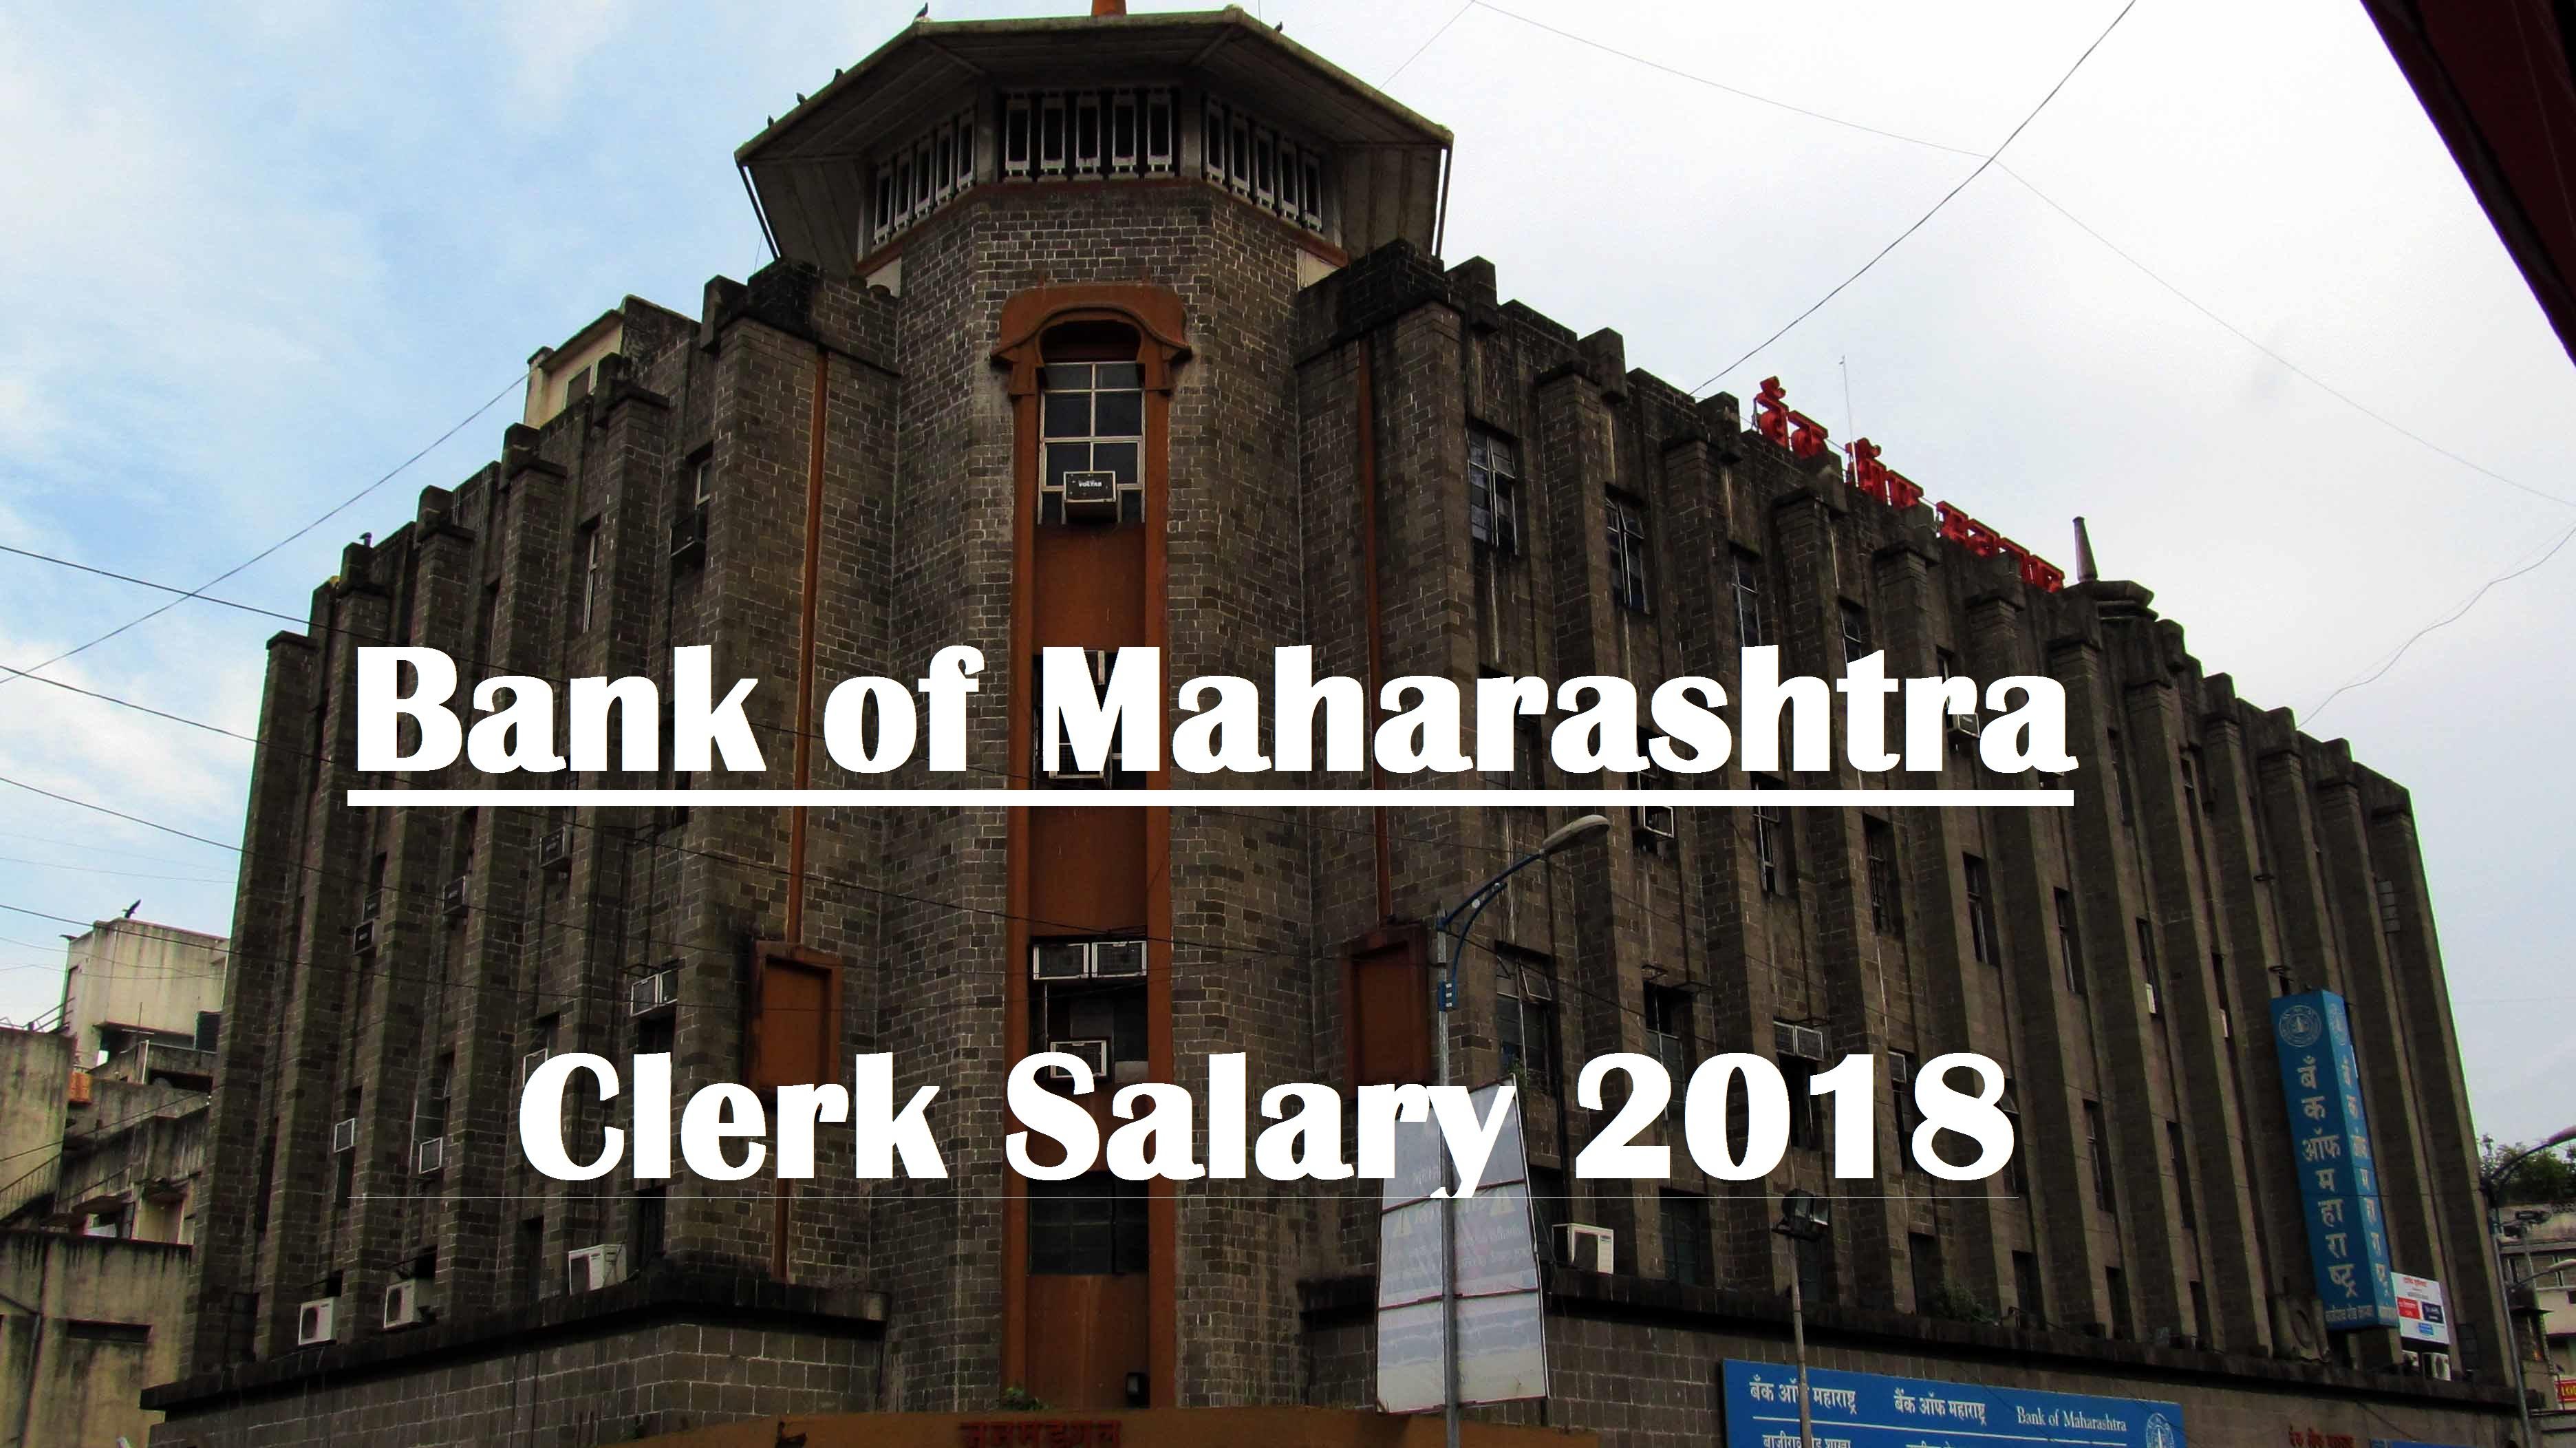 Bank of Maharashtra Clerk Salary 2018